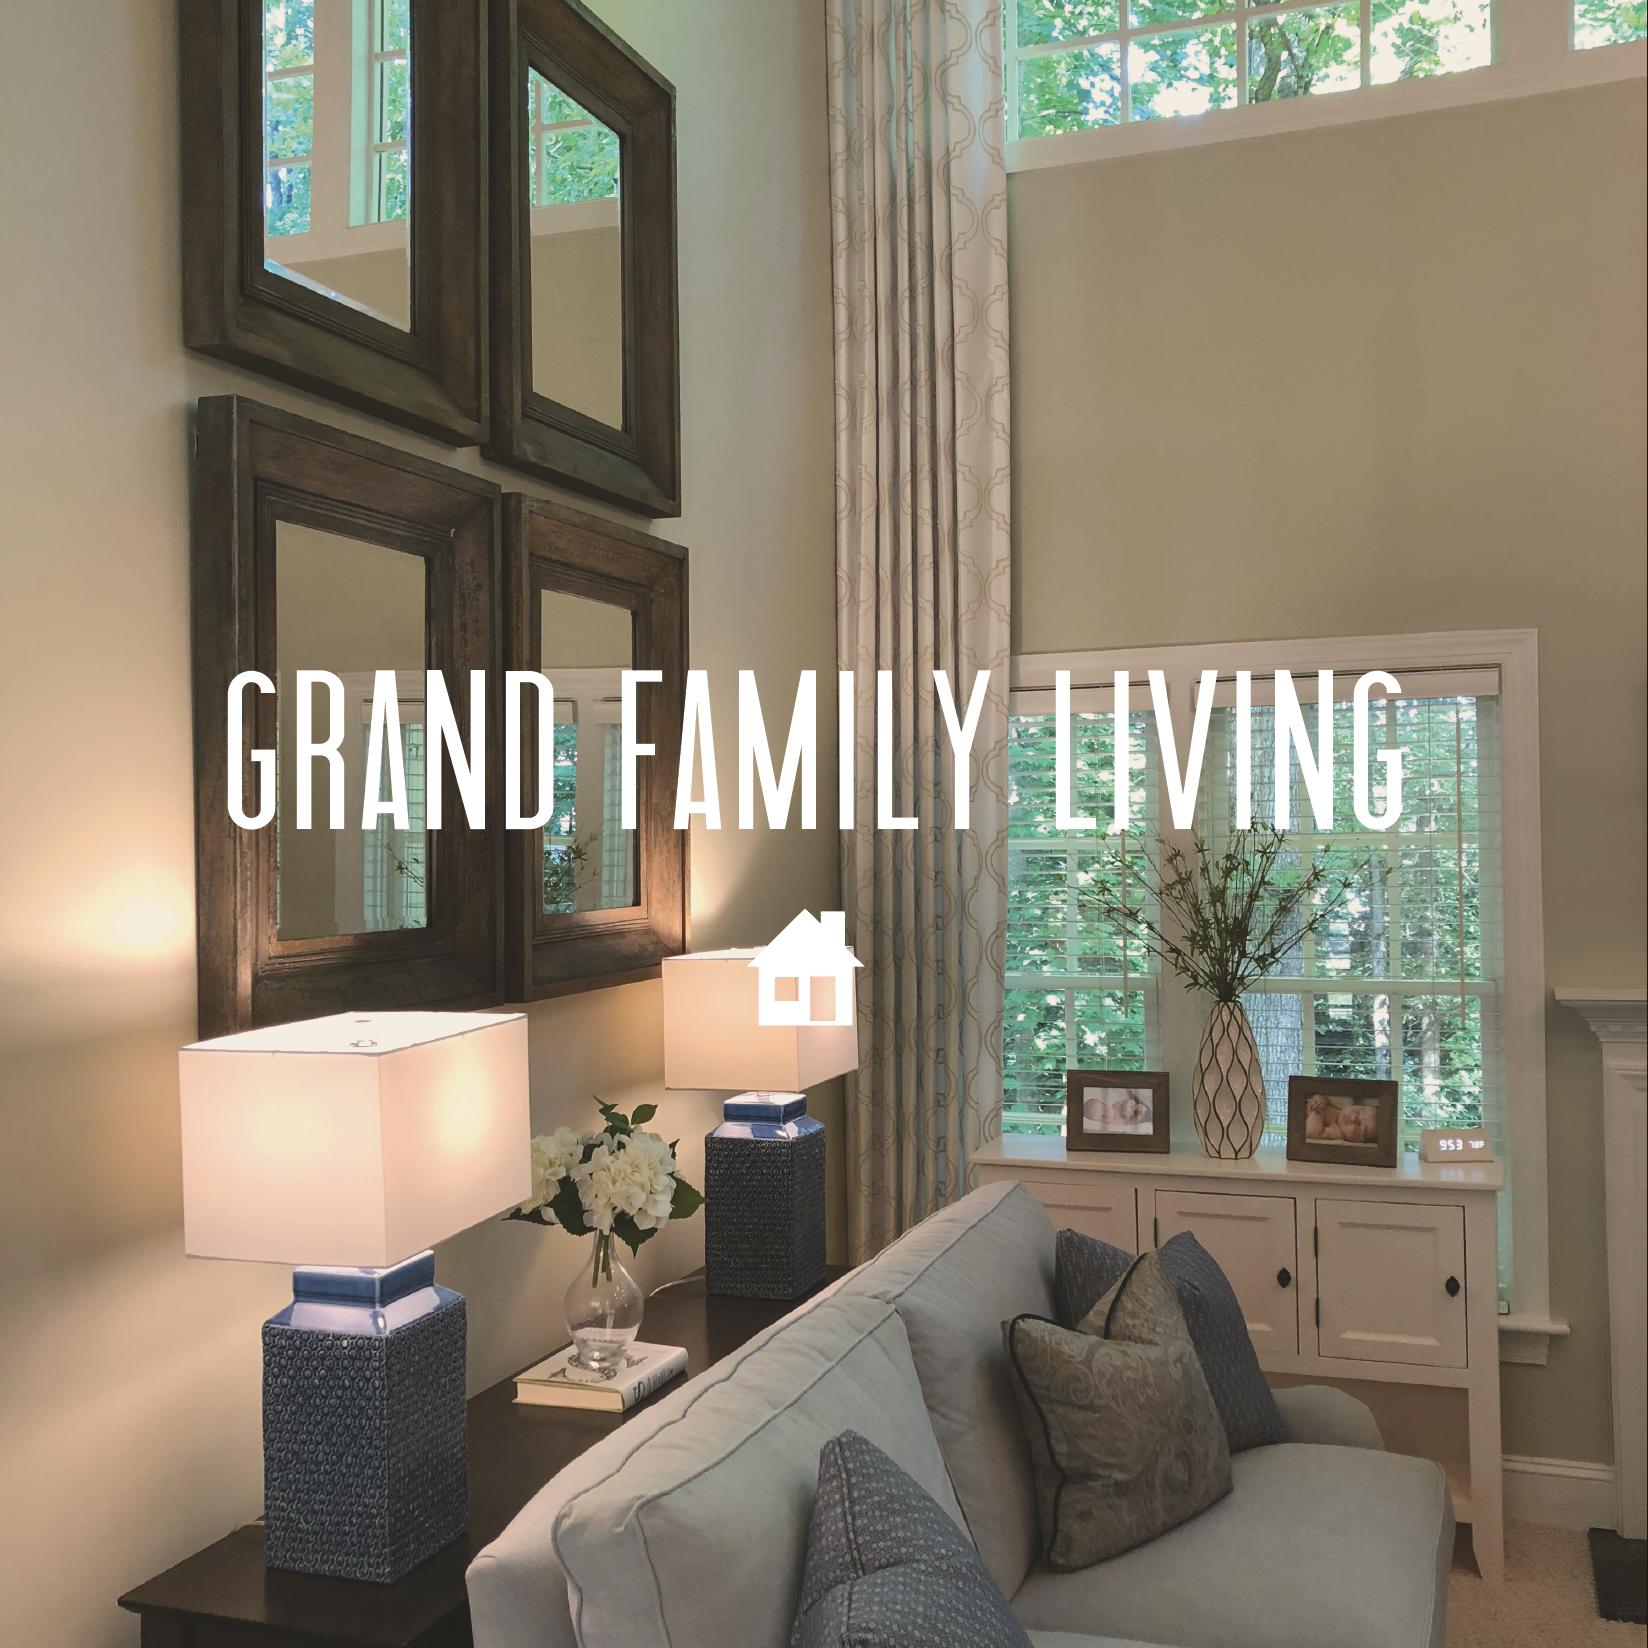 grand-family-living-room-design.jpg